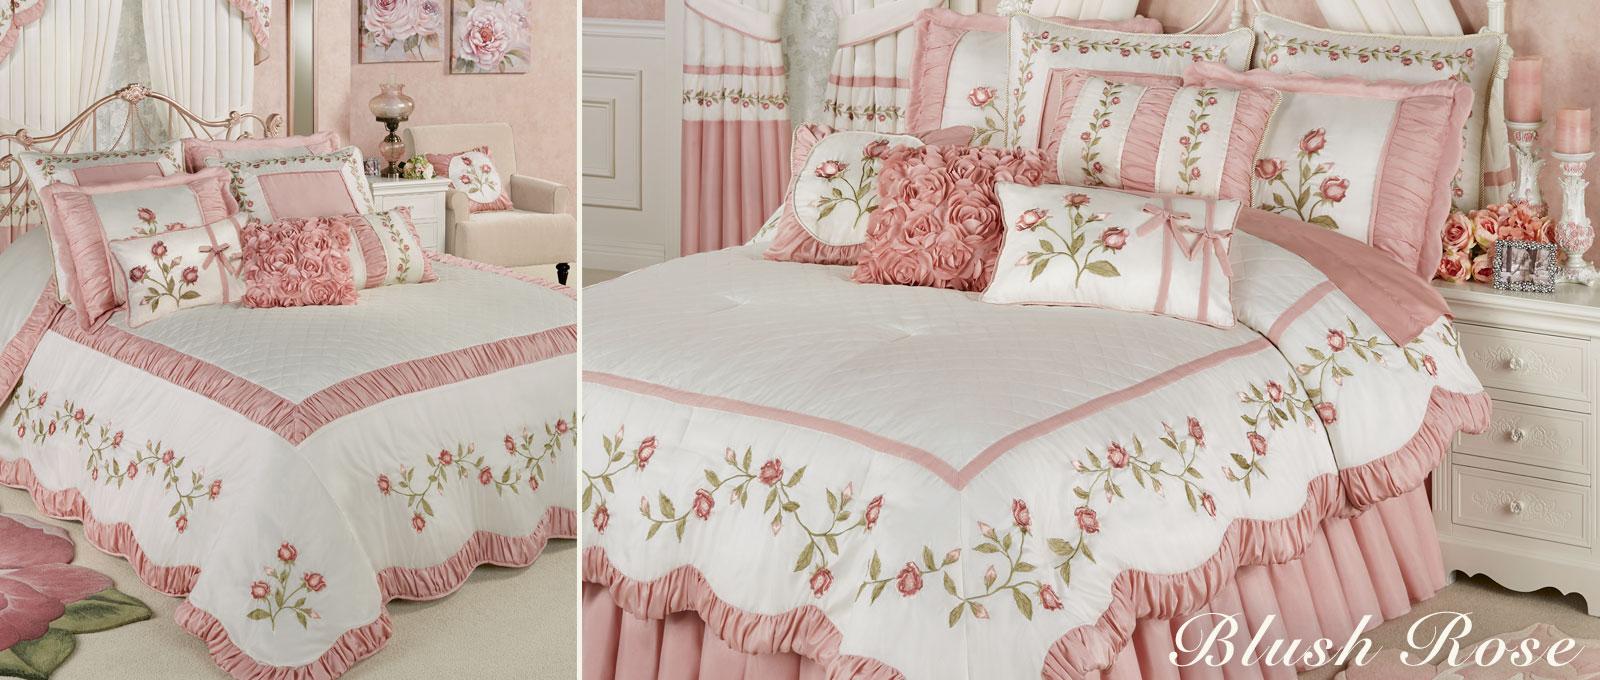 Blush Rose Floral Bedding